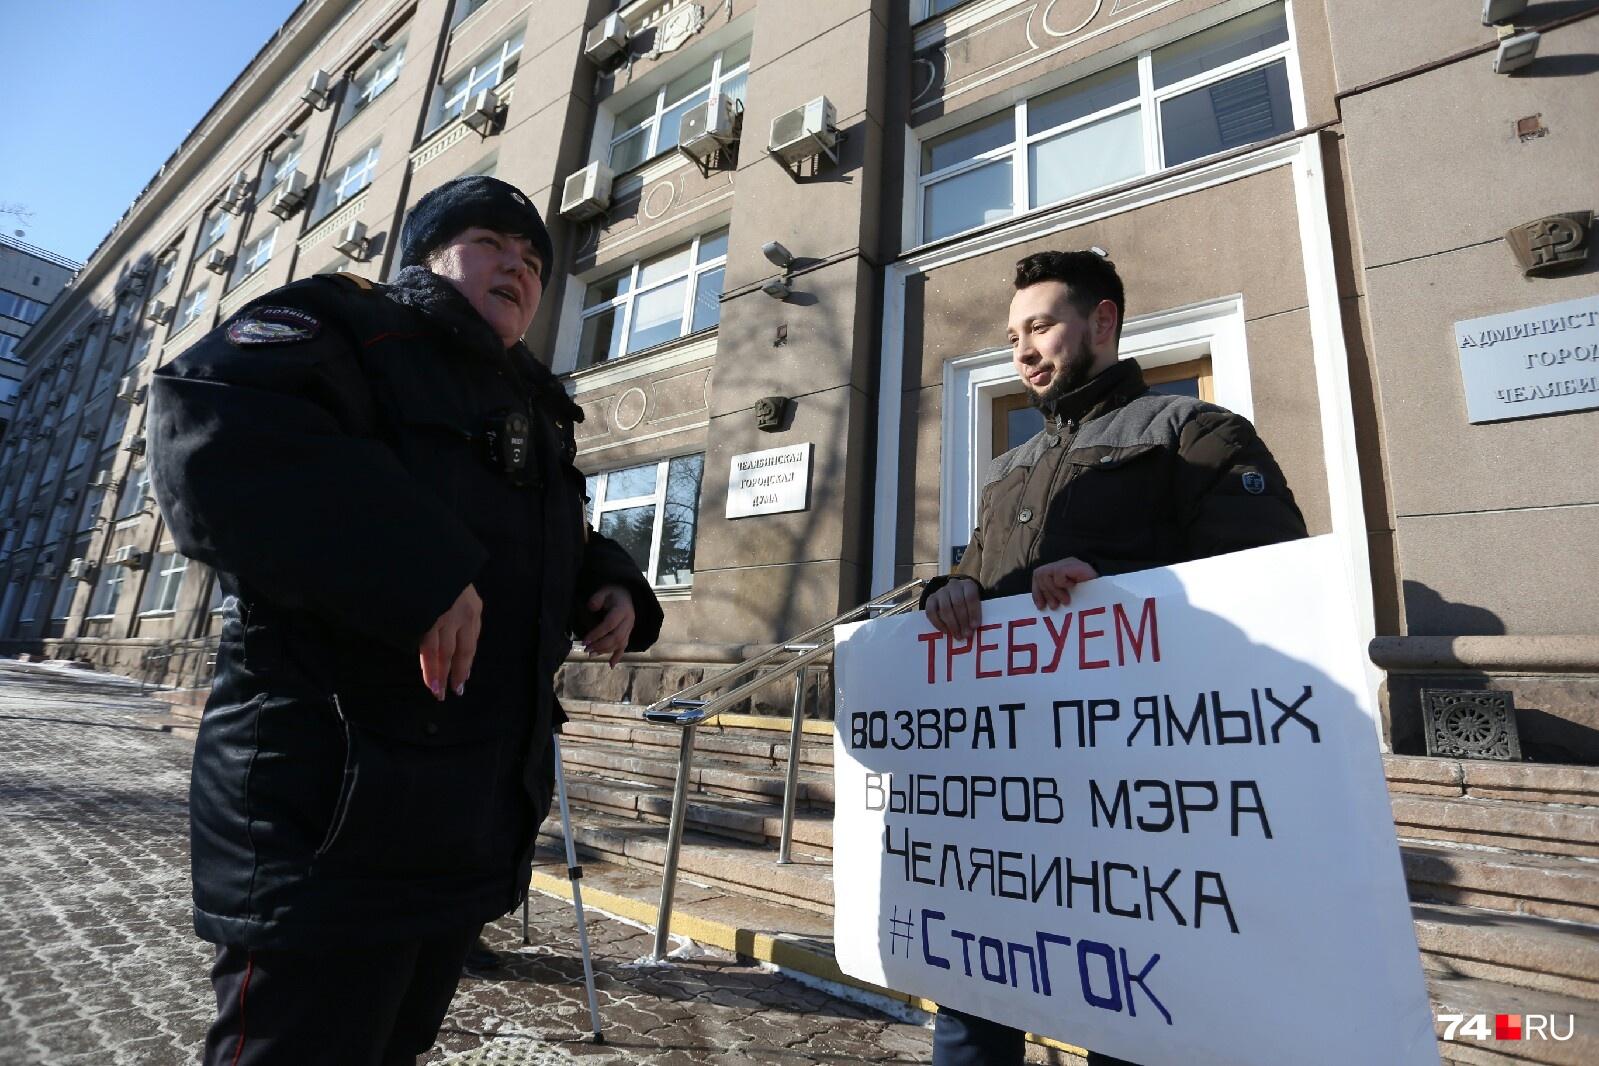 Возле Бориса Золотаревского дежурят двое полицейских, хотя одиночный пикет разрешён законом